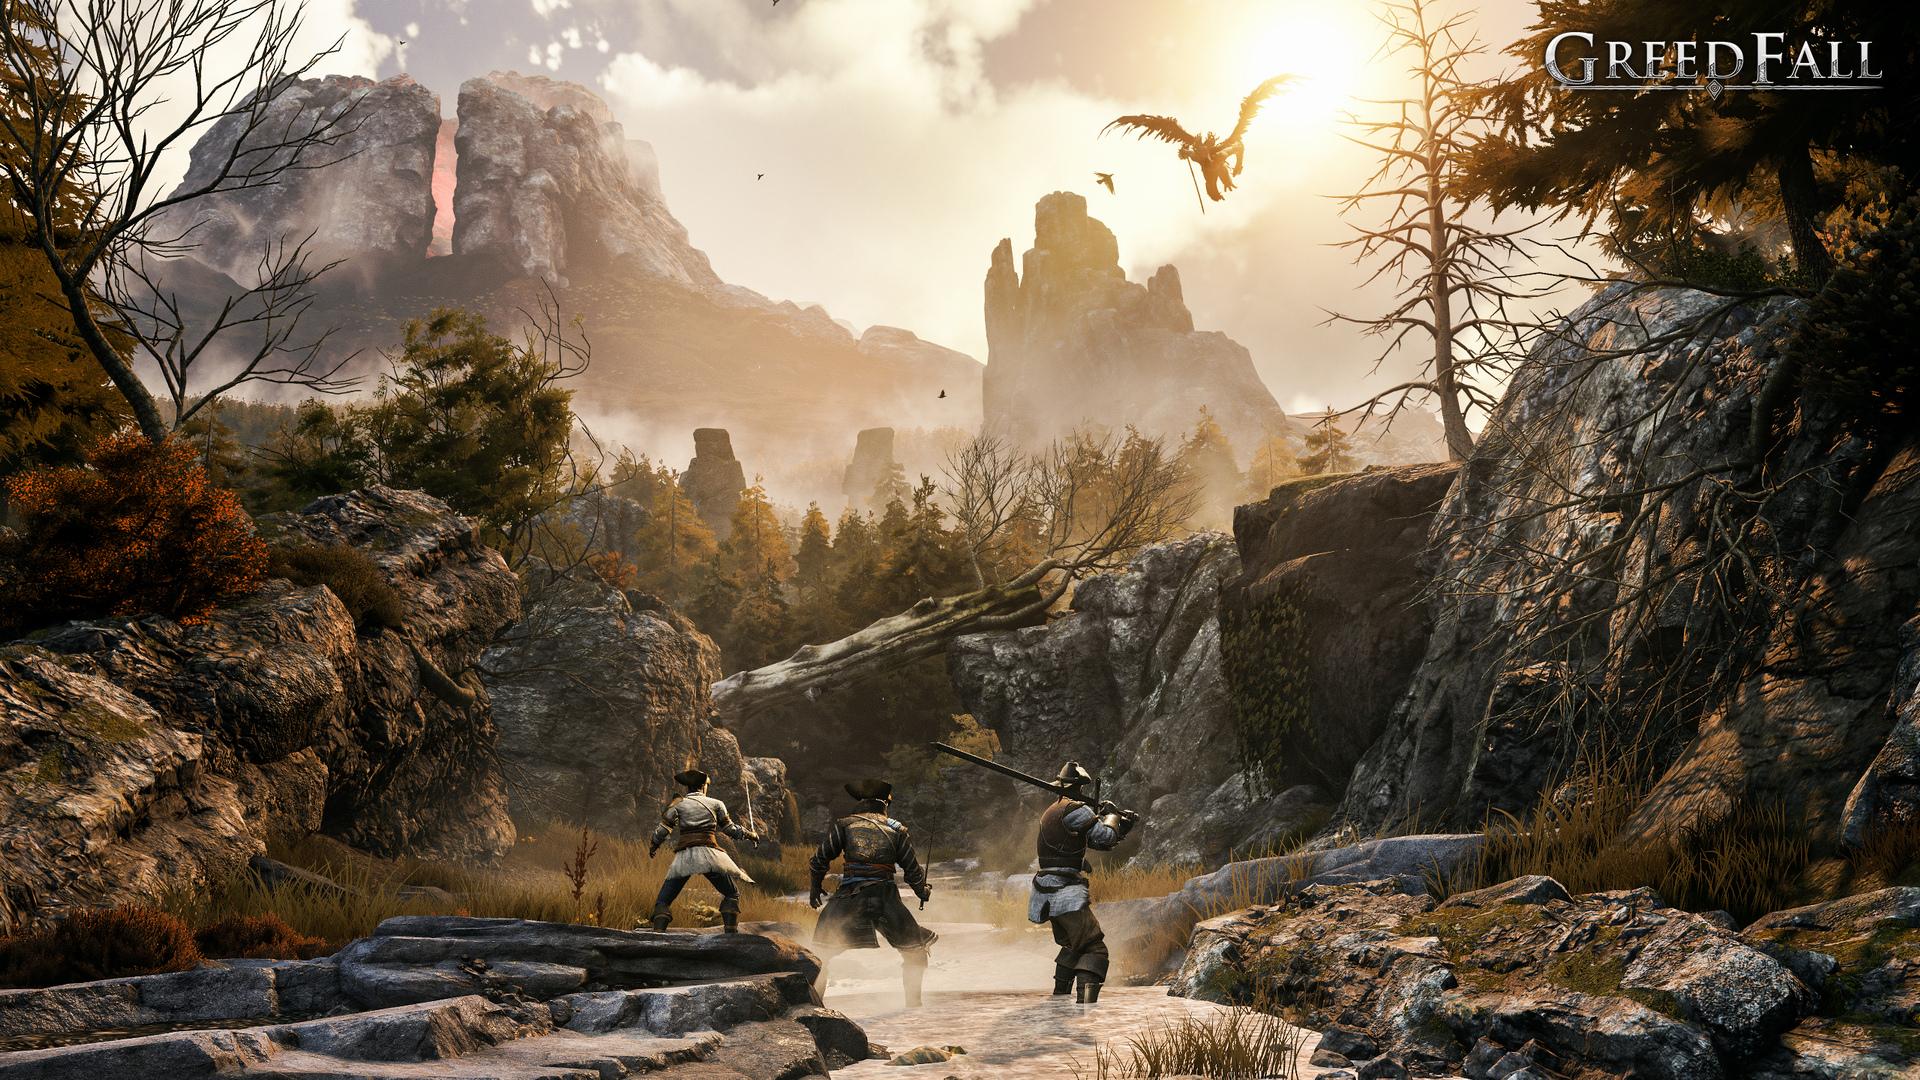 《貪婪之秋》E3劇情預告和截圖 2019年10月發售